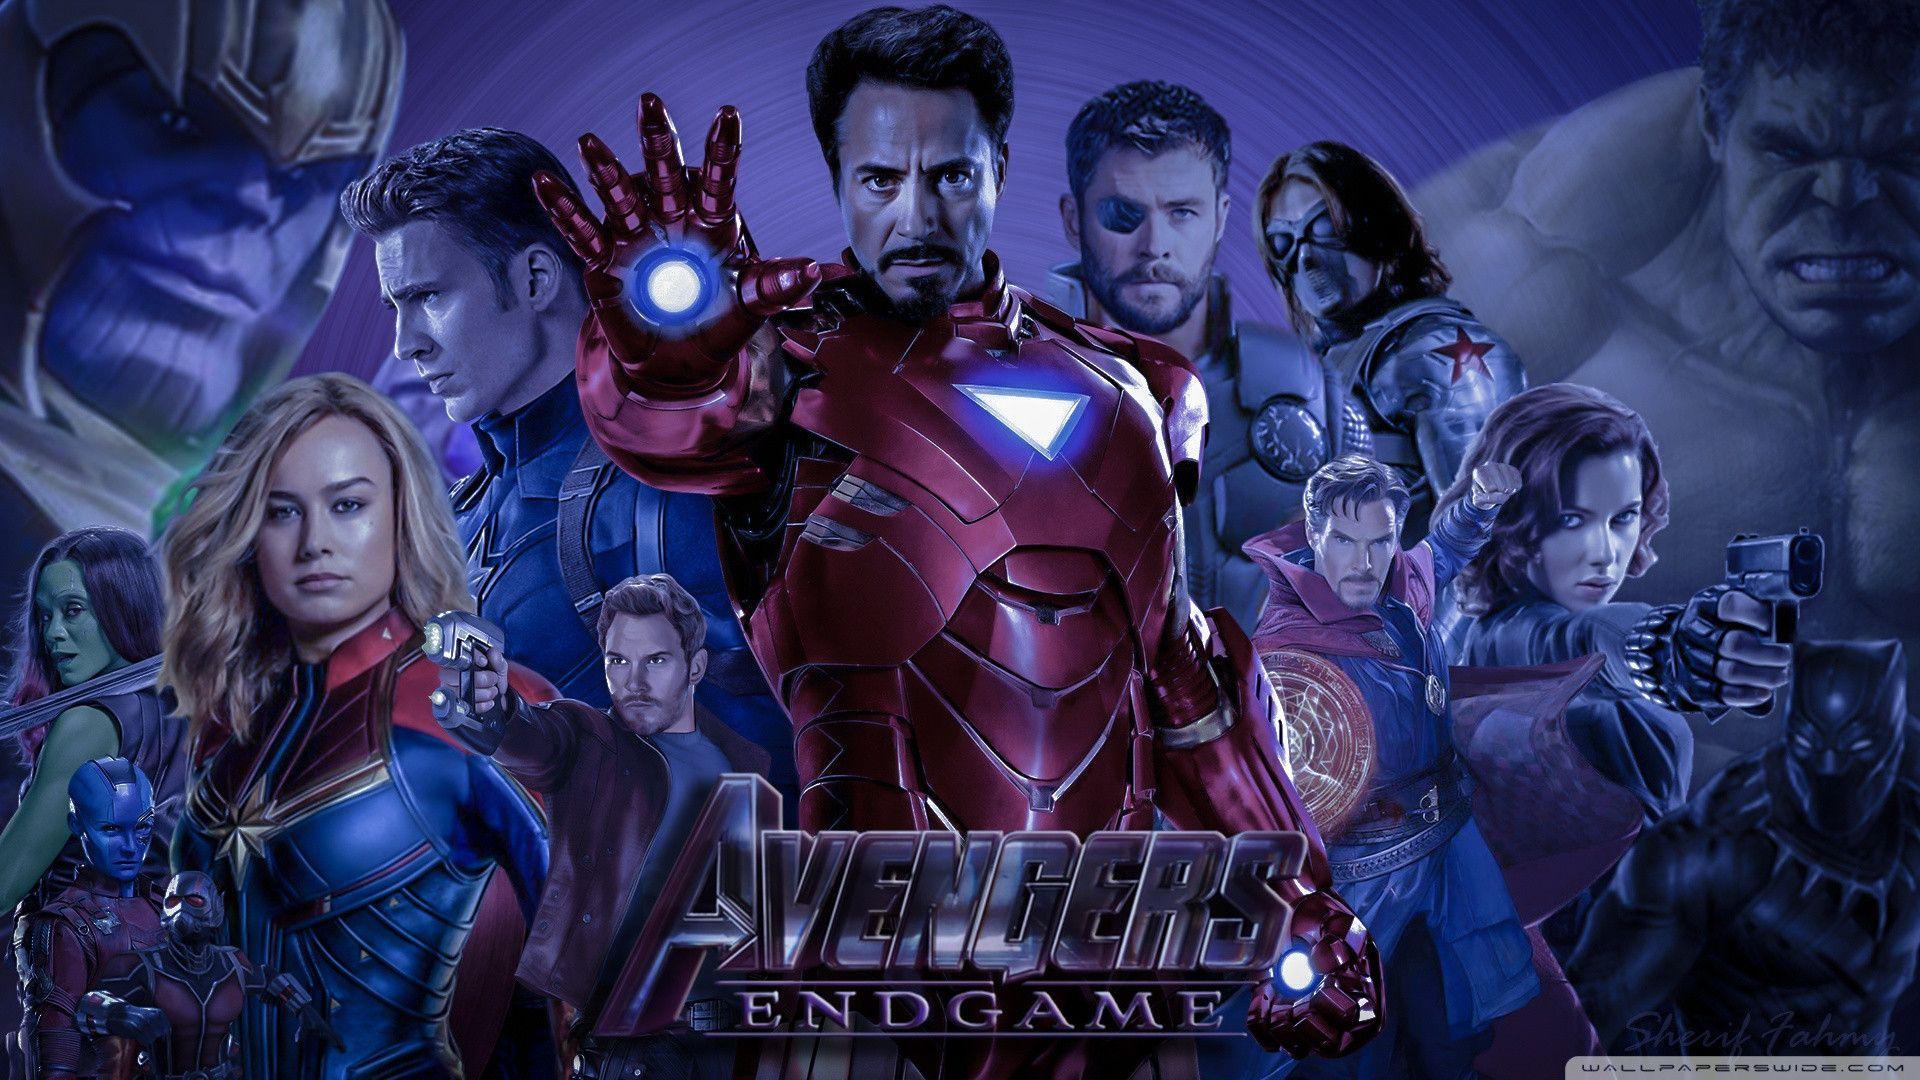 Avengers Endgame Wallpaper Luxury Avengers Endgame Ac29dc2a4 4k Hd Desktop Wallpaper For 4k U In 2020 4k Ultra Hd Tvs Ultra Hd Tvs Hd Desktop